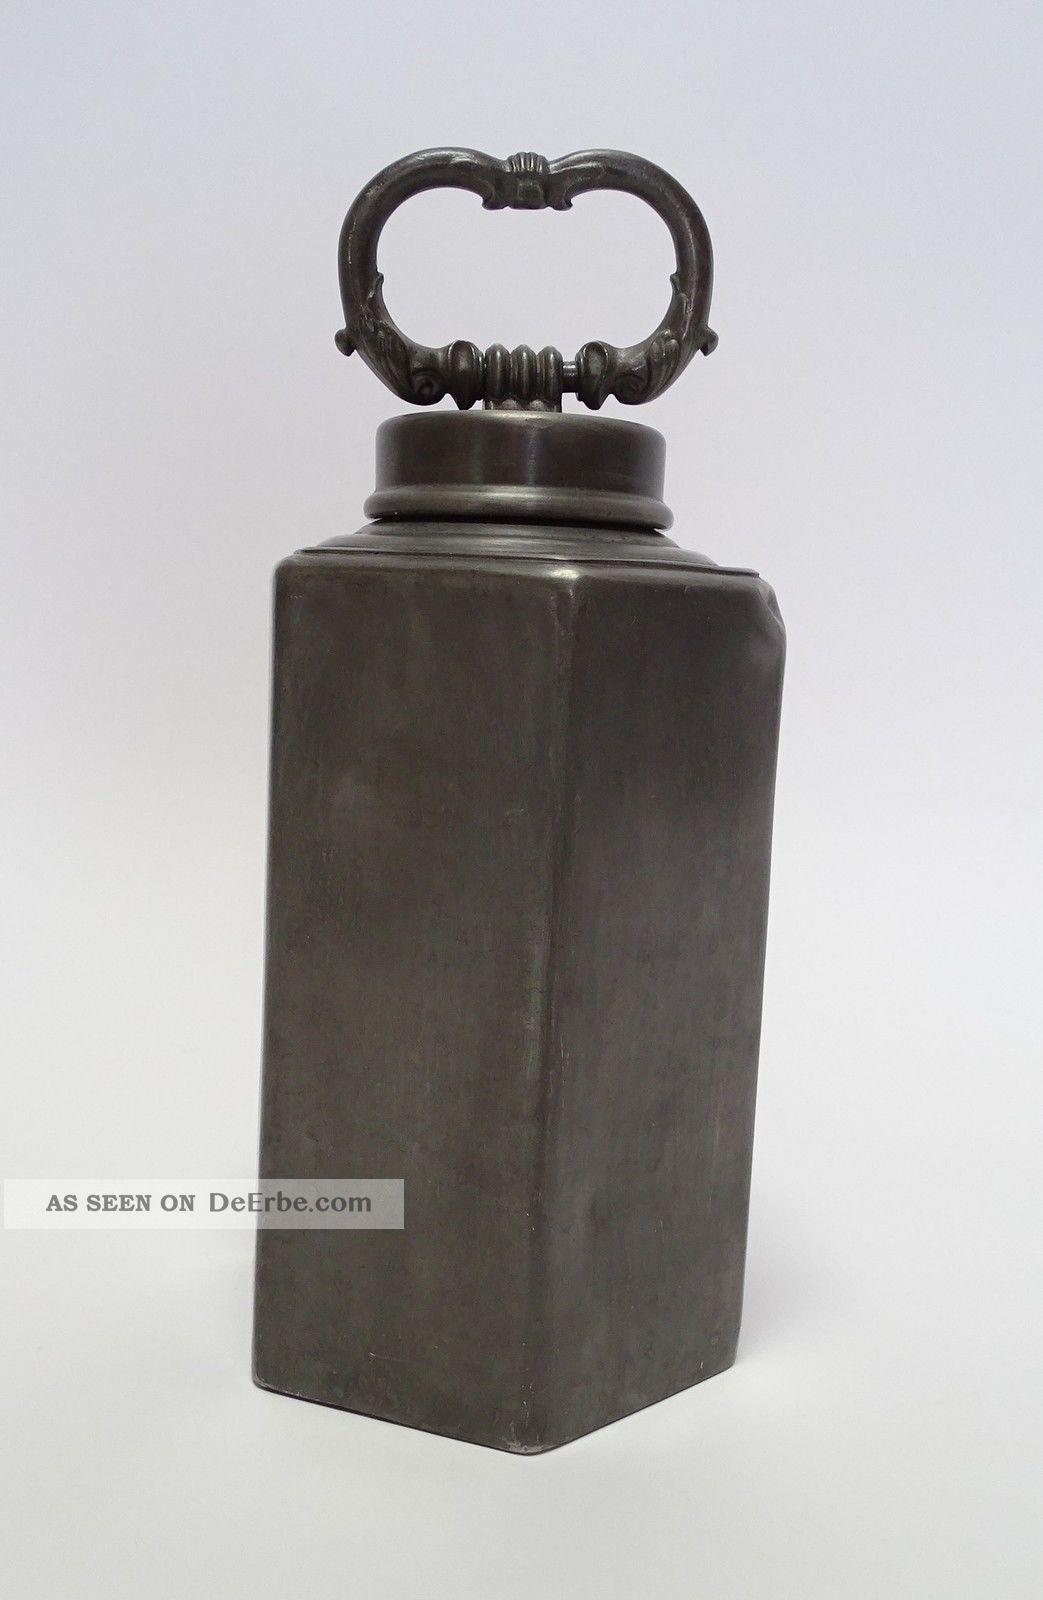 Nett Antiken Zinn Küchenschrank Griffe Fotos - Ideen Für Die Küche ...